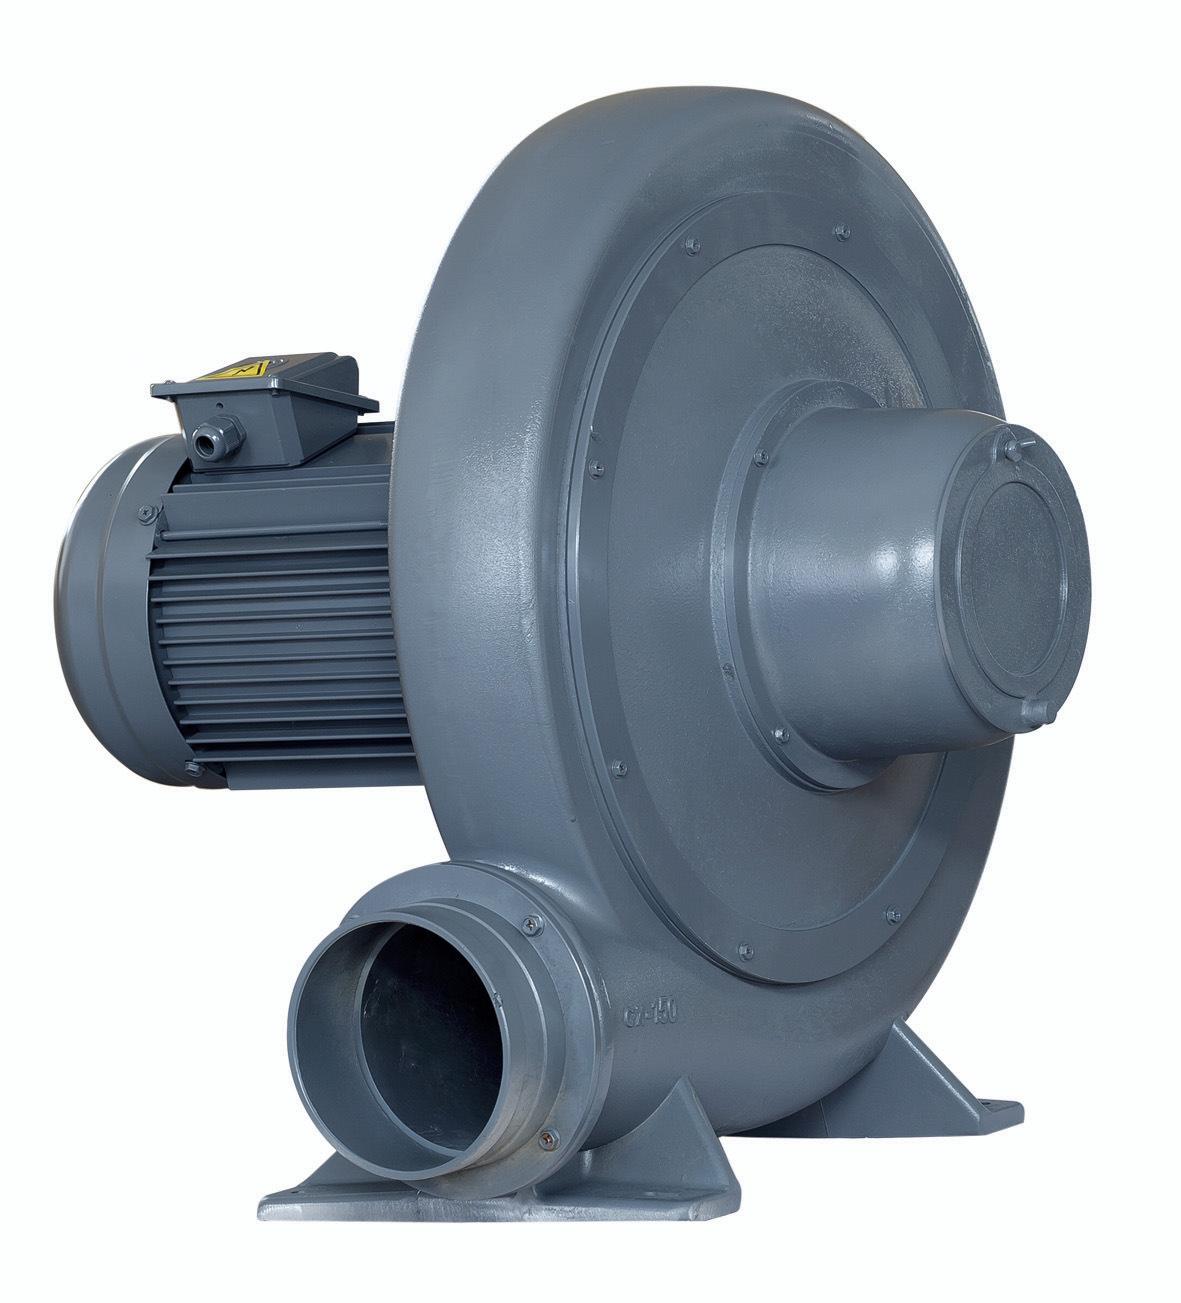 漩涡气泵风机 中压供料用漩涡鼓风机图片一